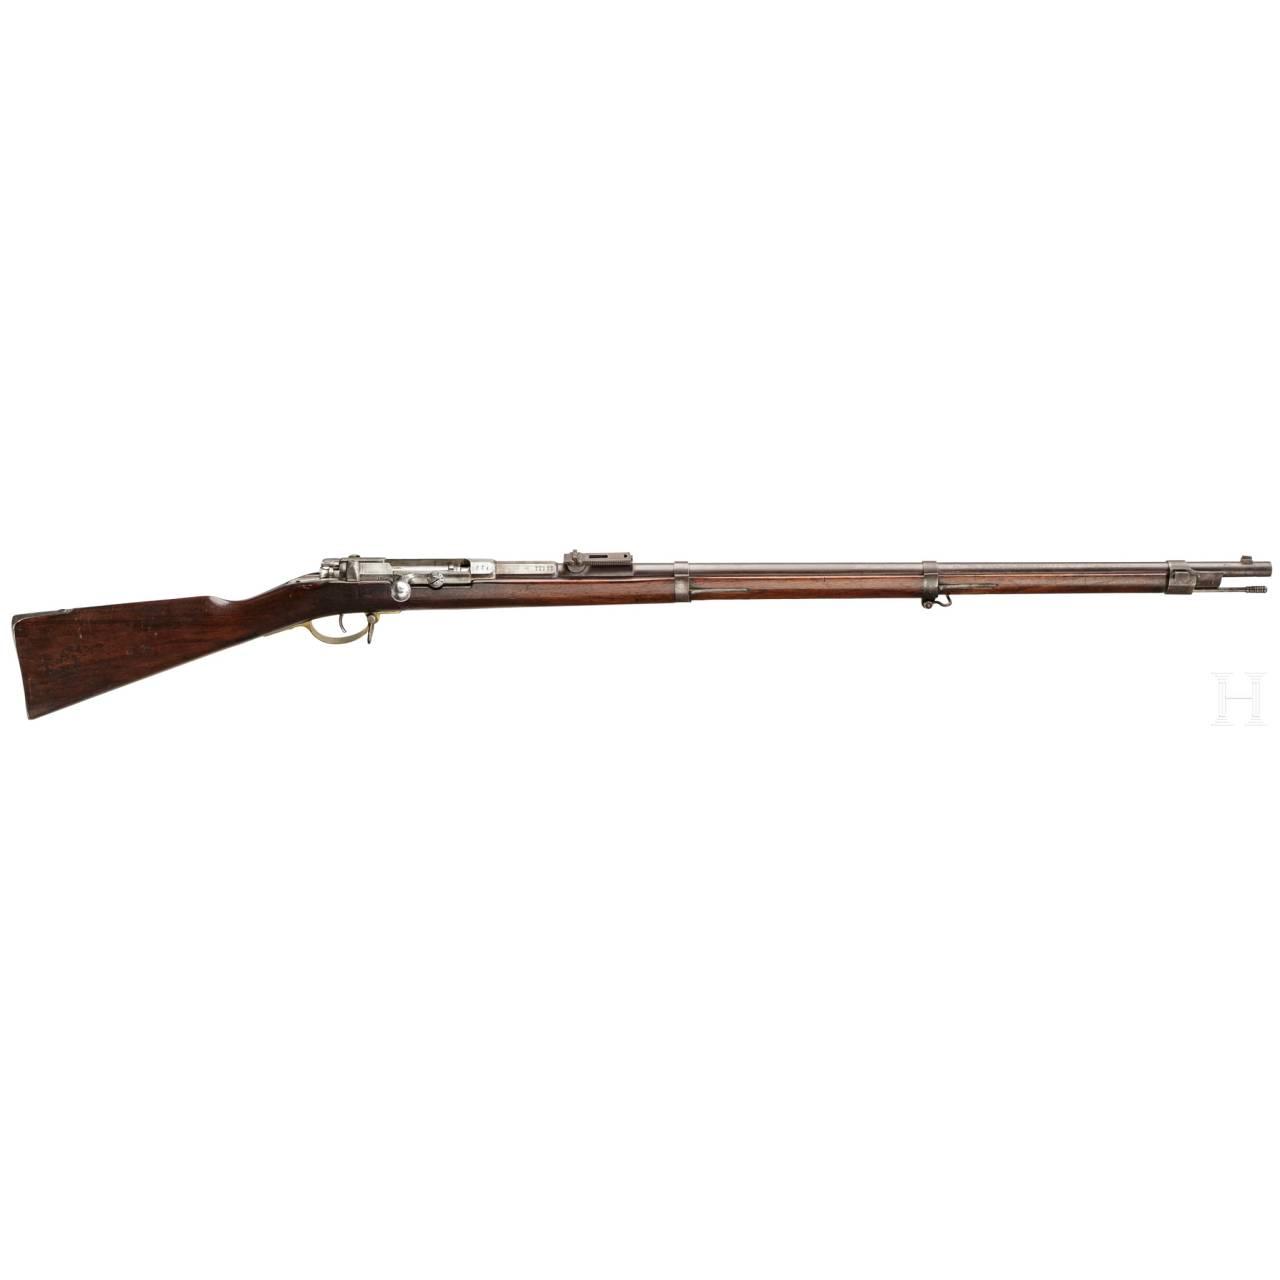 Infanteriegewehr M 1871, Mauser